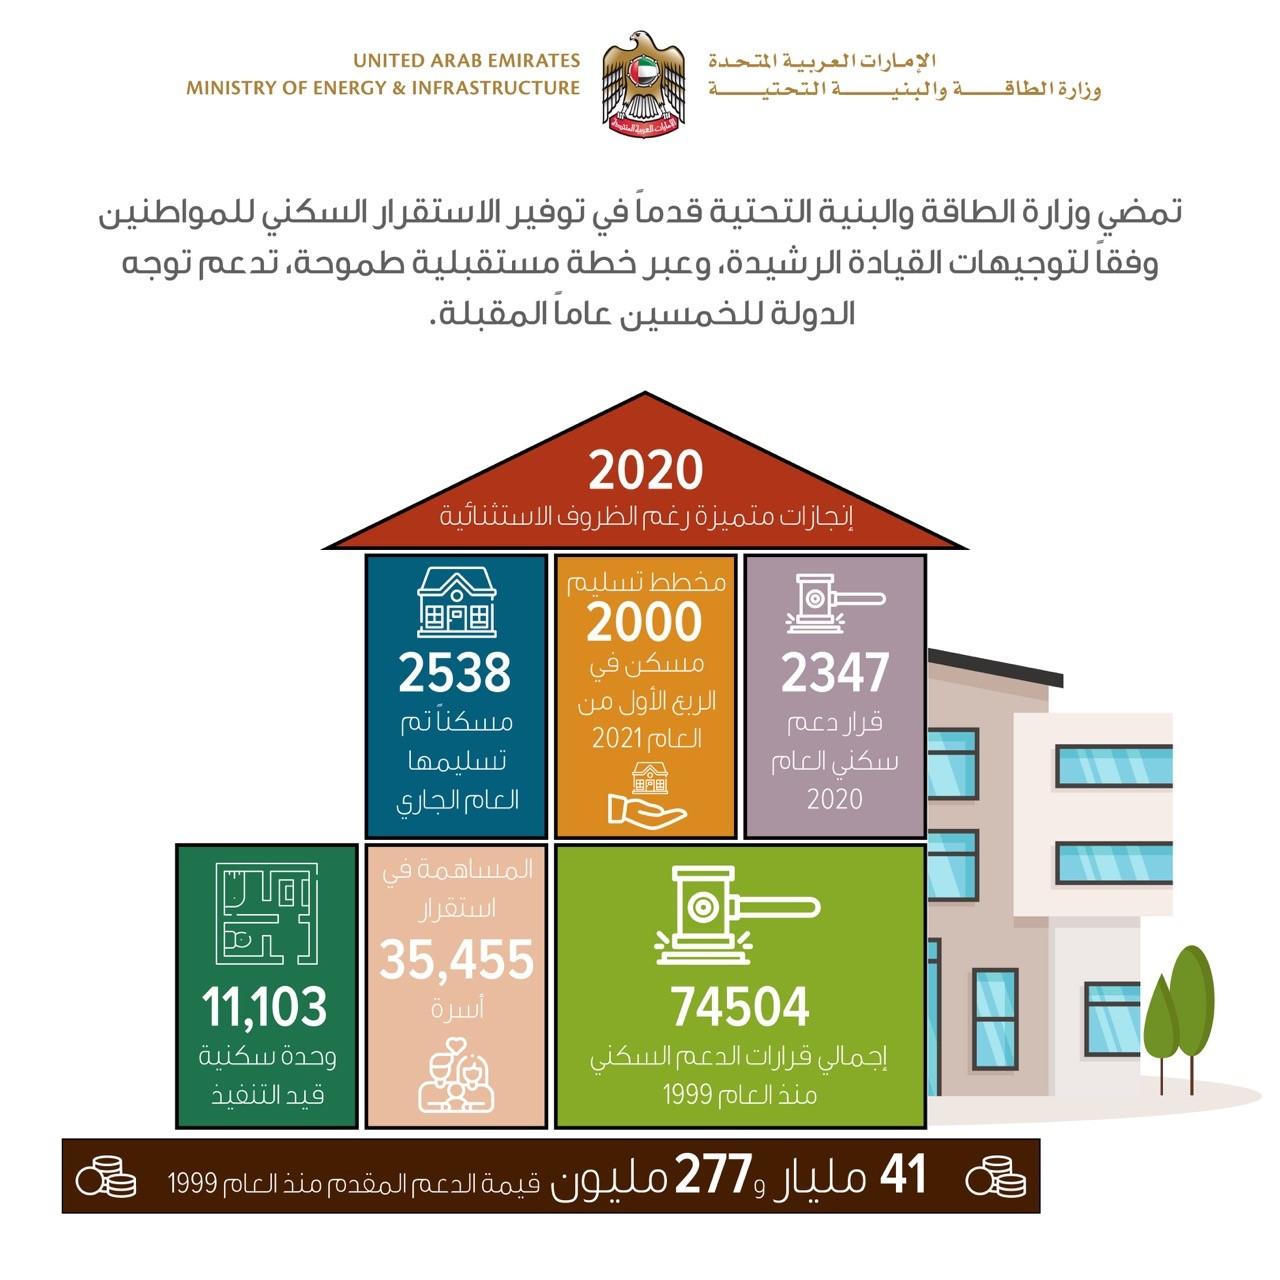 """"""" الطاقة والبنية التحتية """" سلّمت 2538 مسكنا للمواطنين خلال 2020"""